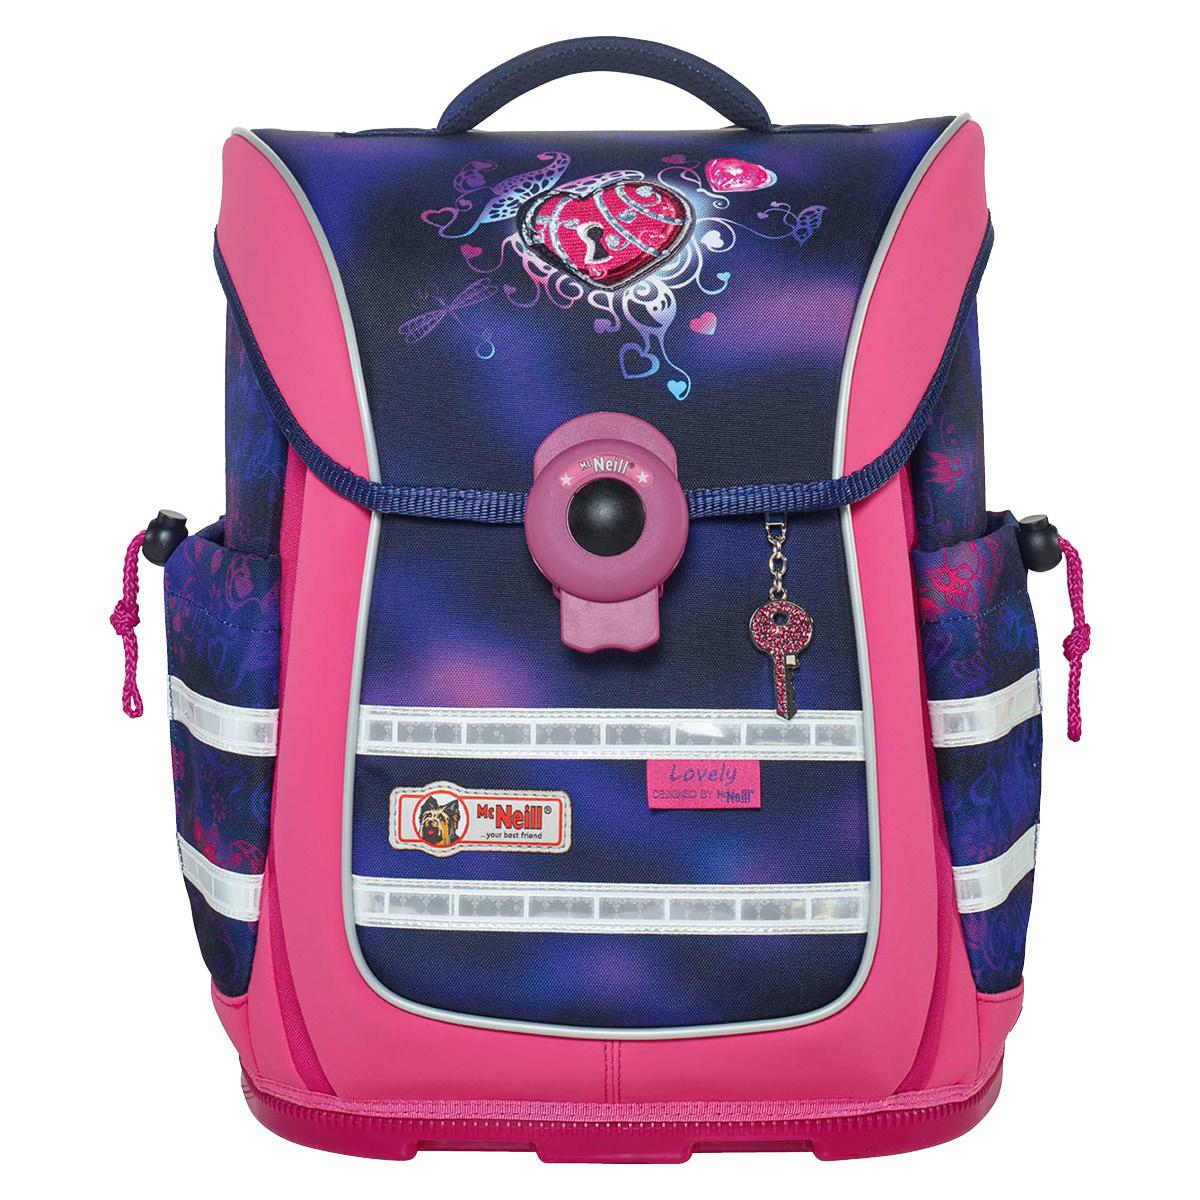 McNeill-Schulranzen-ERGO-Light-PURE-9630162000-pink-lila-herz